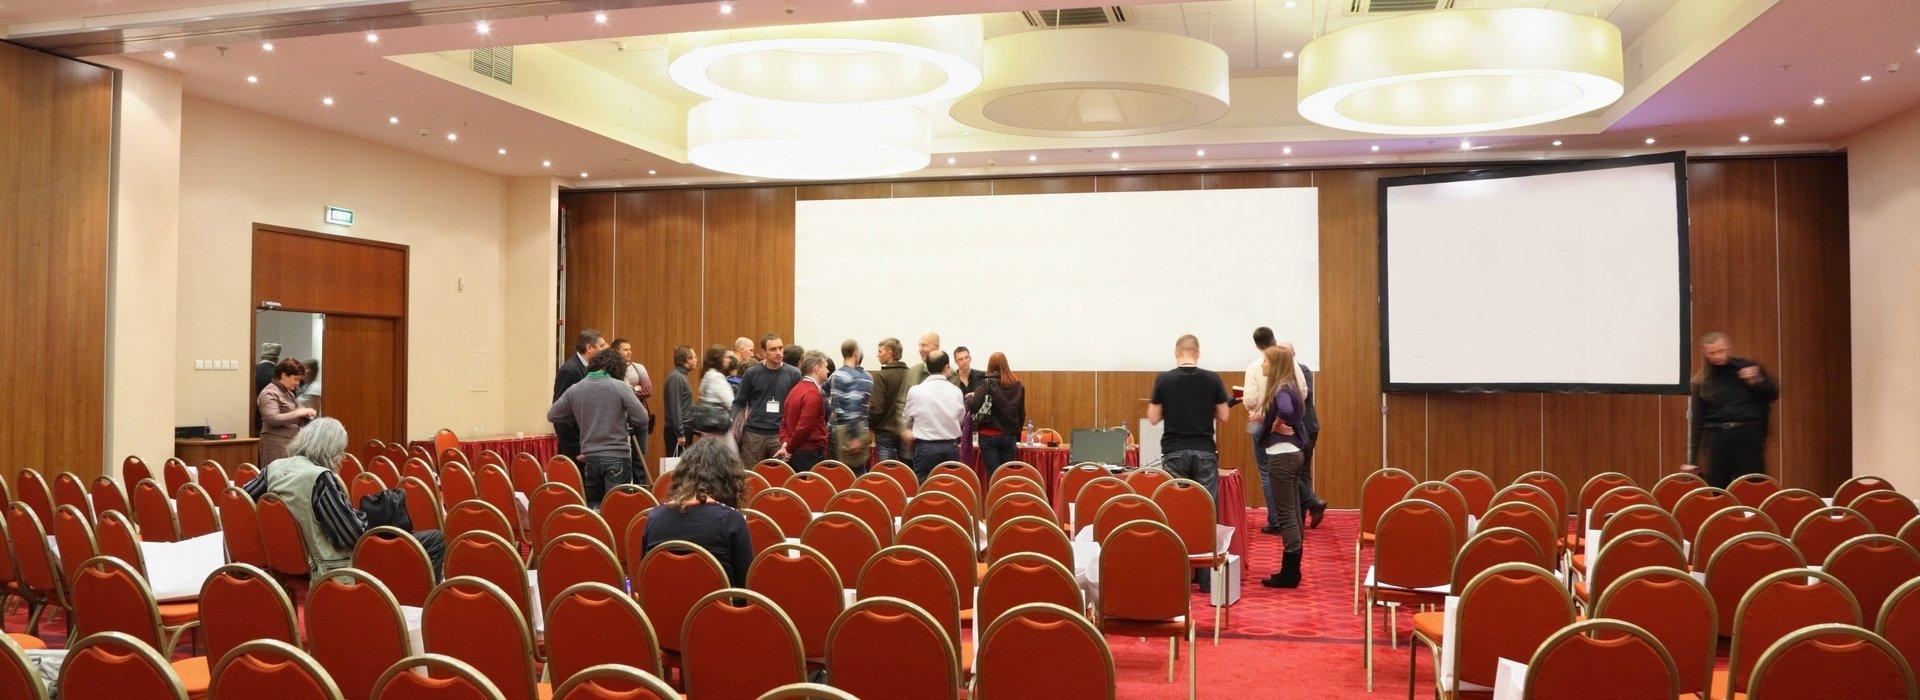 Meetings & Konferenz in Budapest – Konferenzen in Budapest, Ungarn